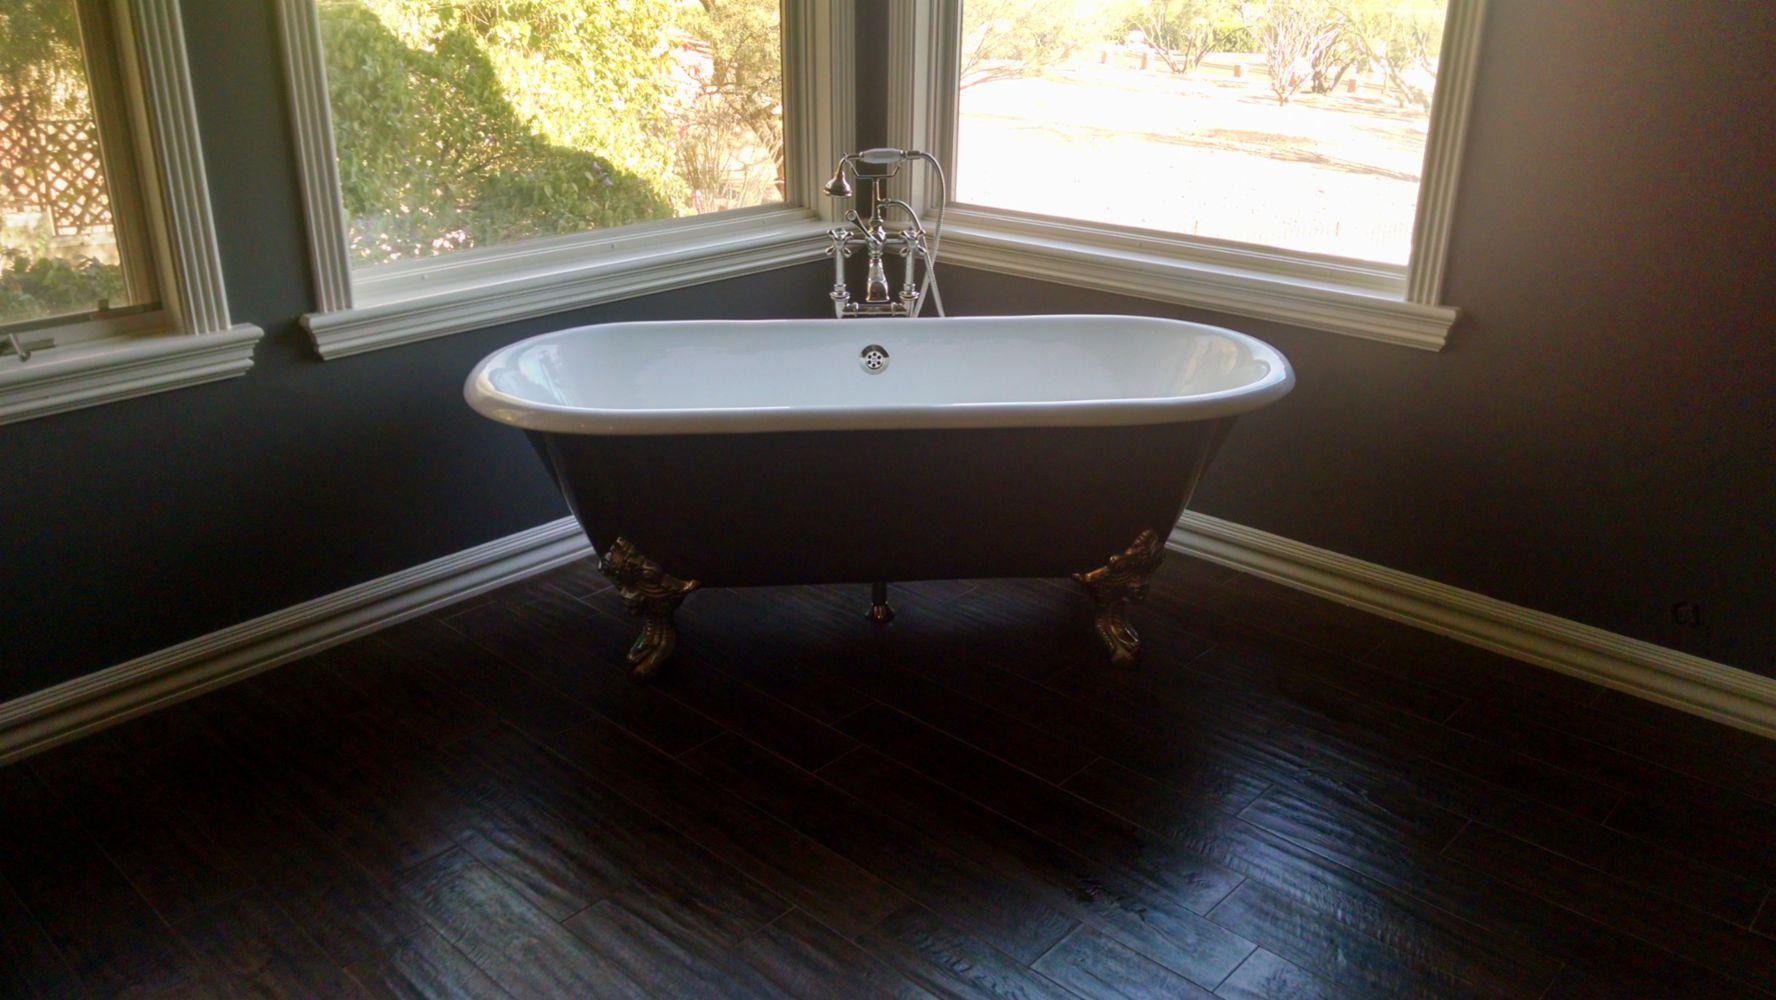 Modern Bathroom Remodeling In Colorado Springs Co Biltwell Bathroom Remodeling L L C